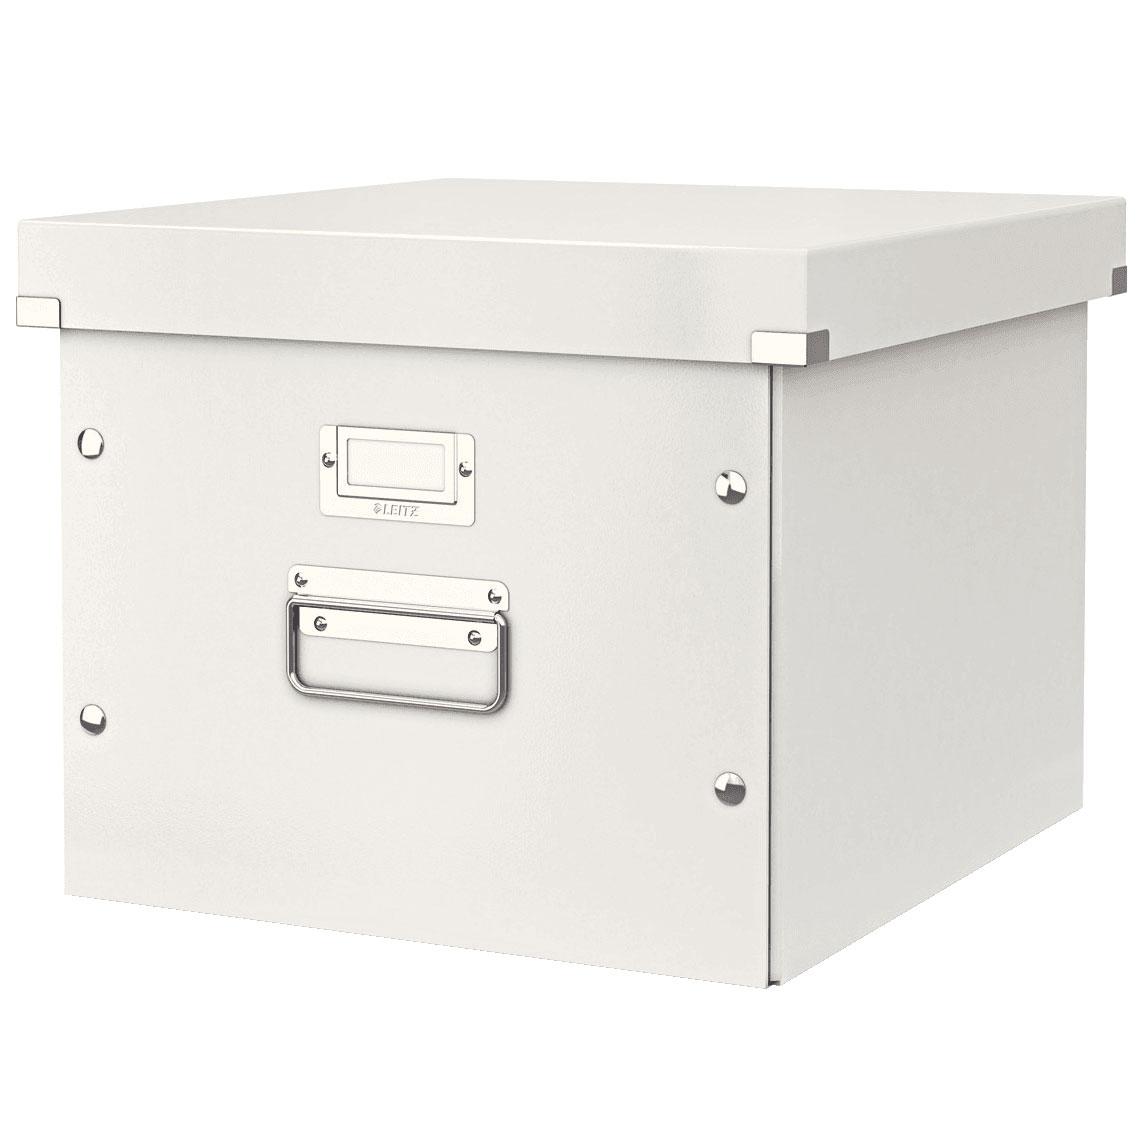 leitz click store format haut blanc bo te de rangement leitz sur ldlc. Black Bedroom Furniture Sets. Home Design Ideas